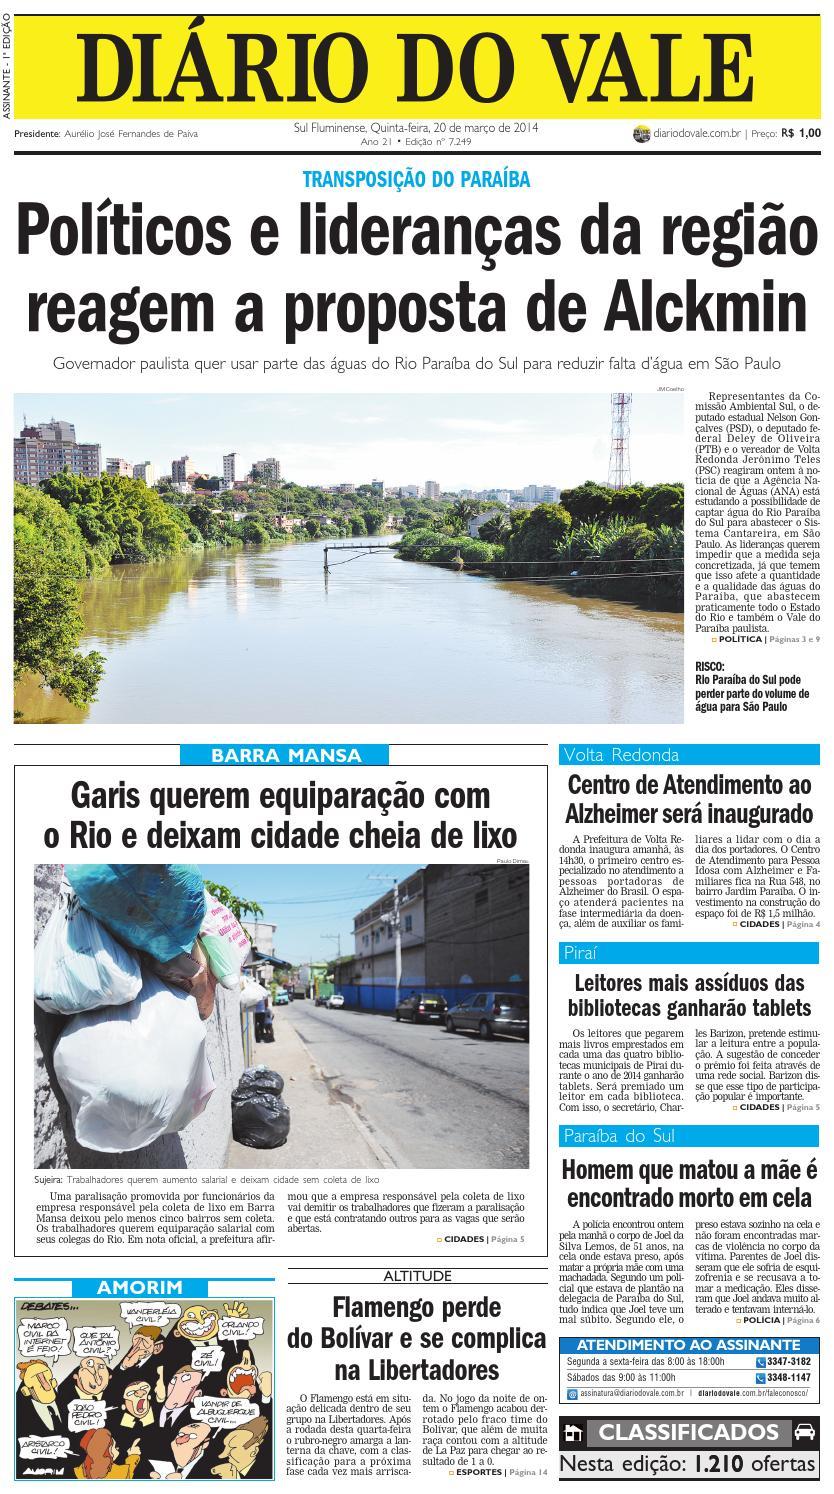 7249 diario do vale quinta feira 20 03 2014 by Diário do Vale - issuu afa0329732776